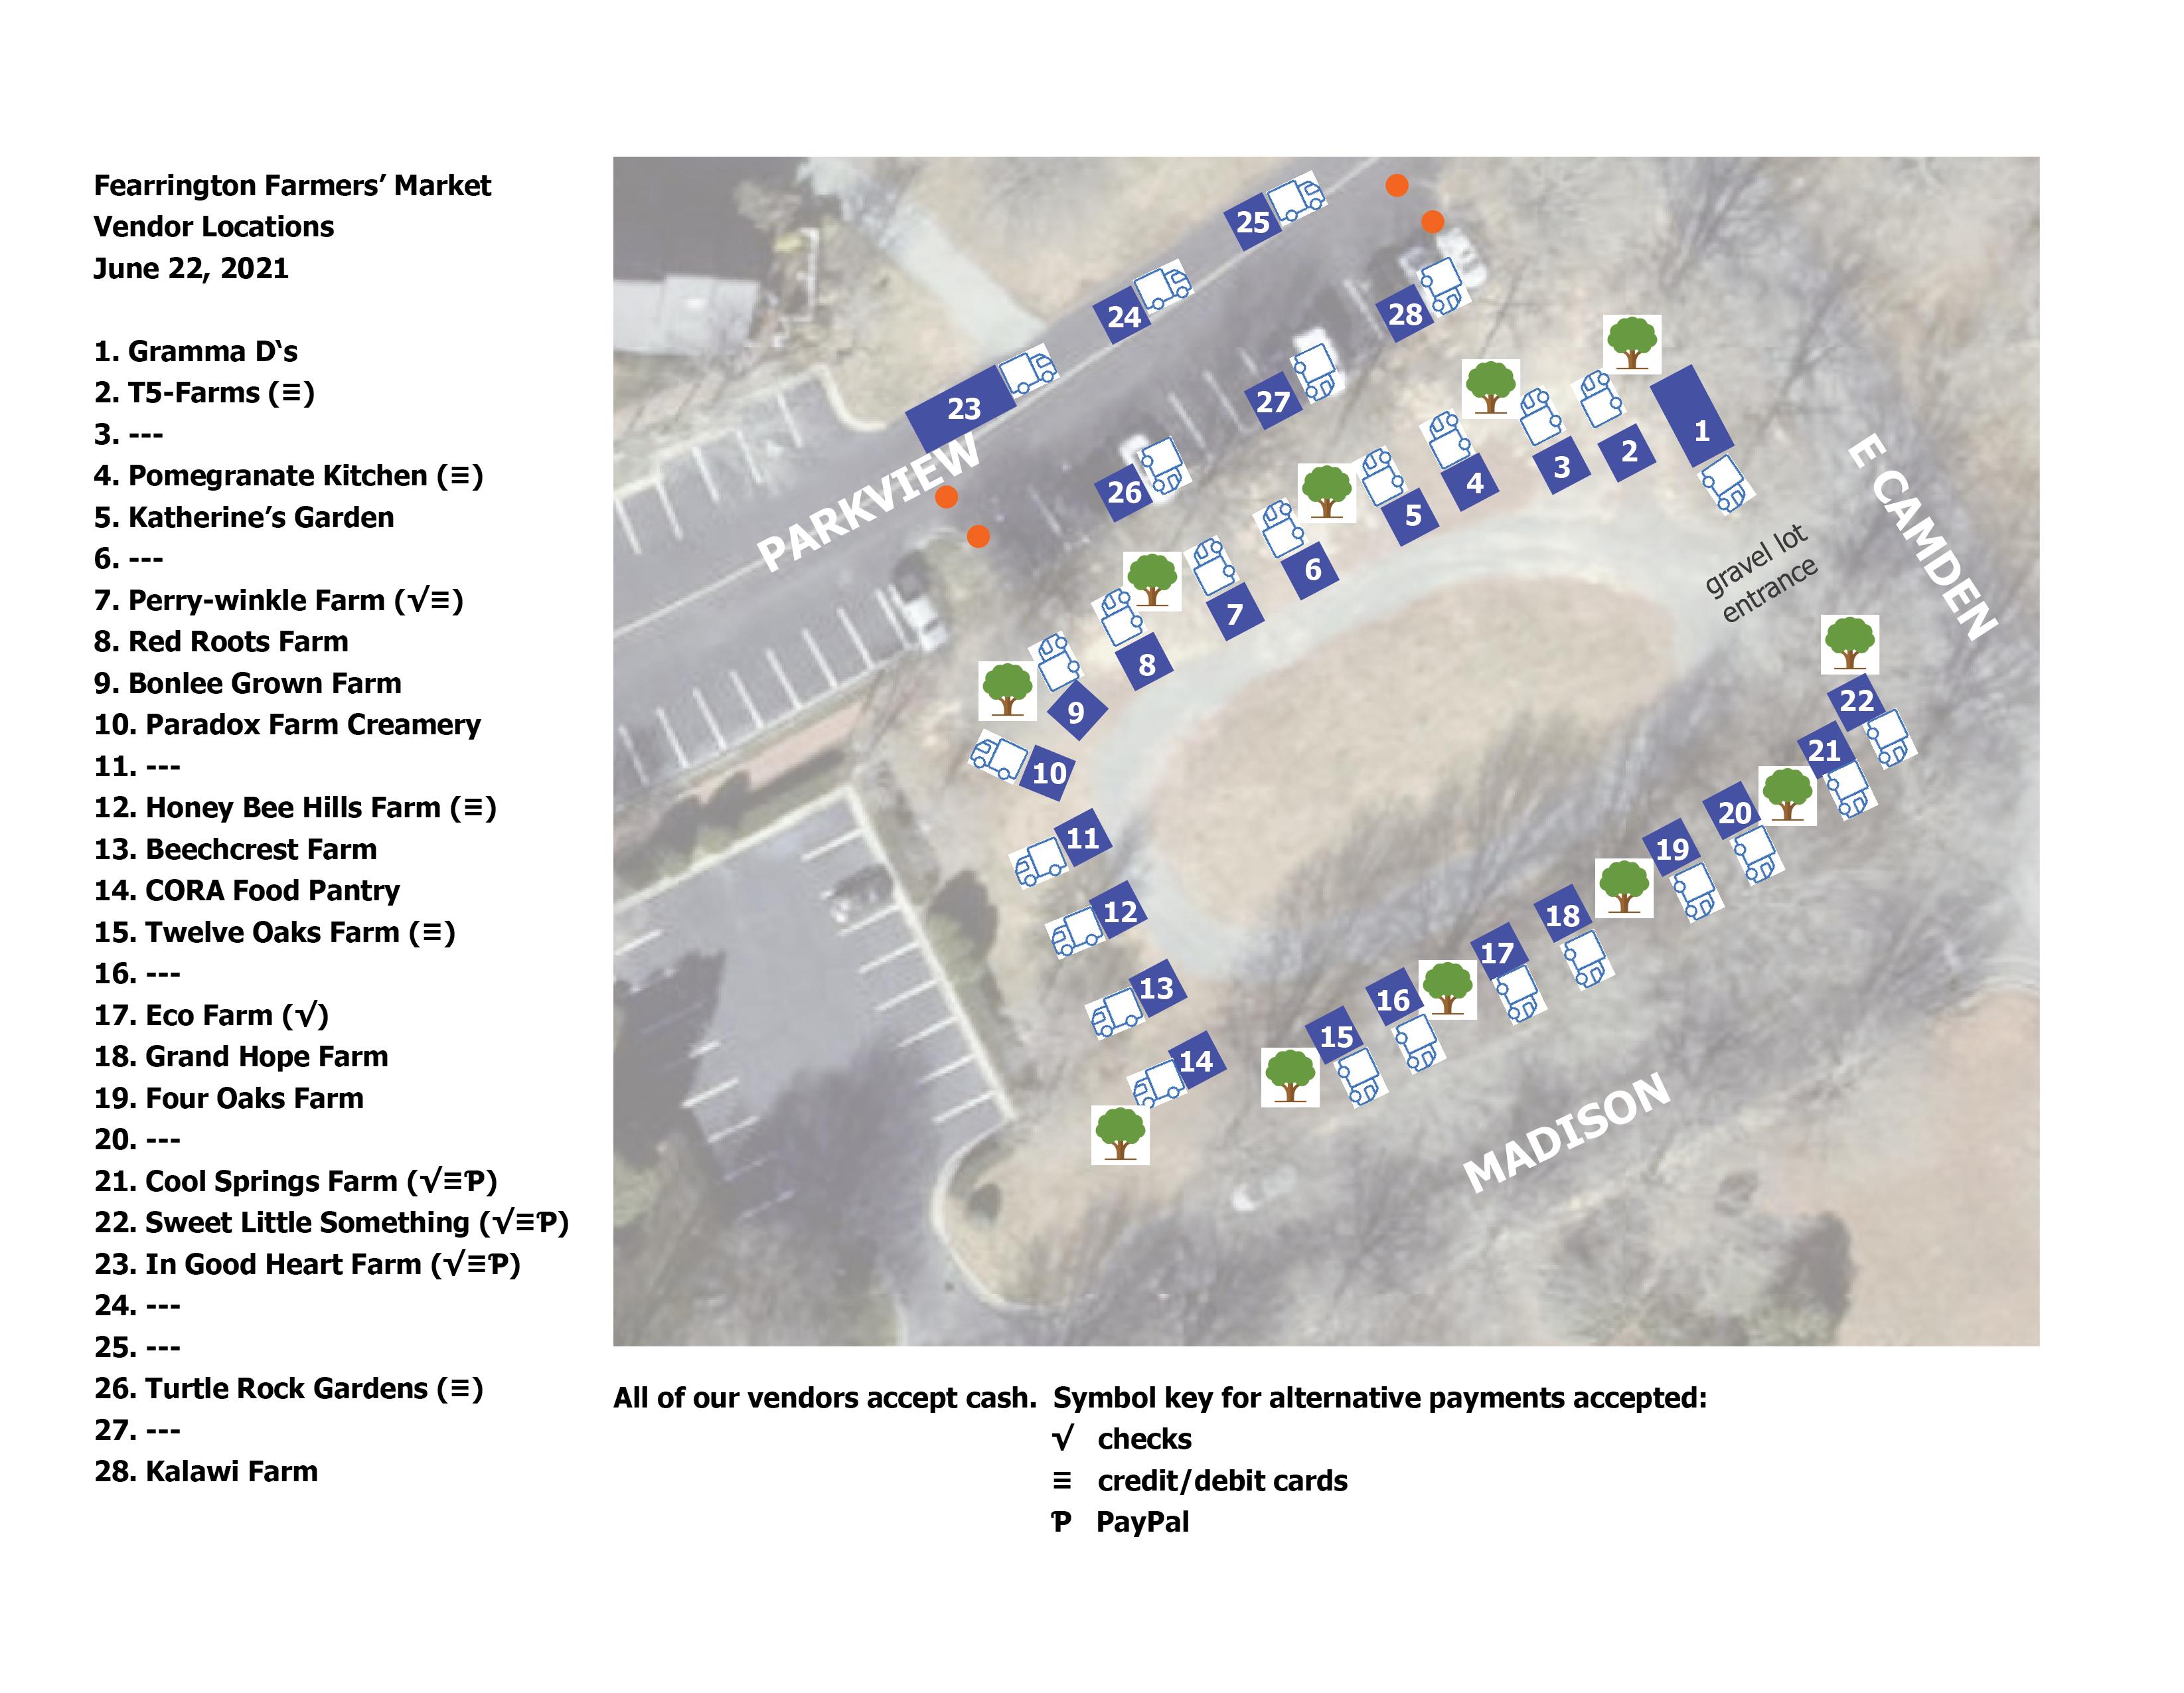 ffm vendor map 062121